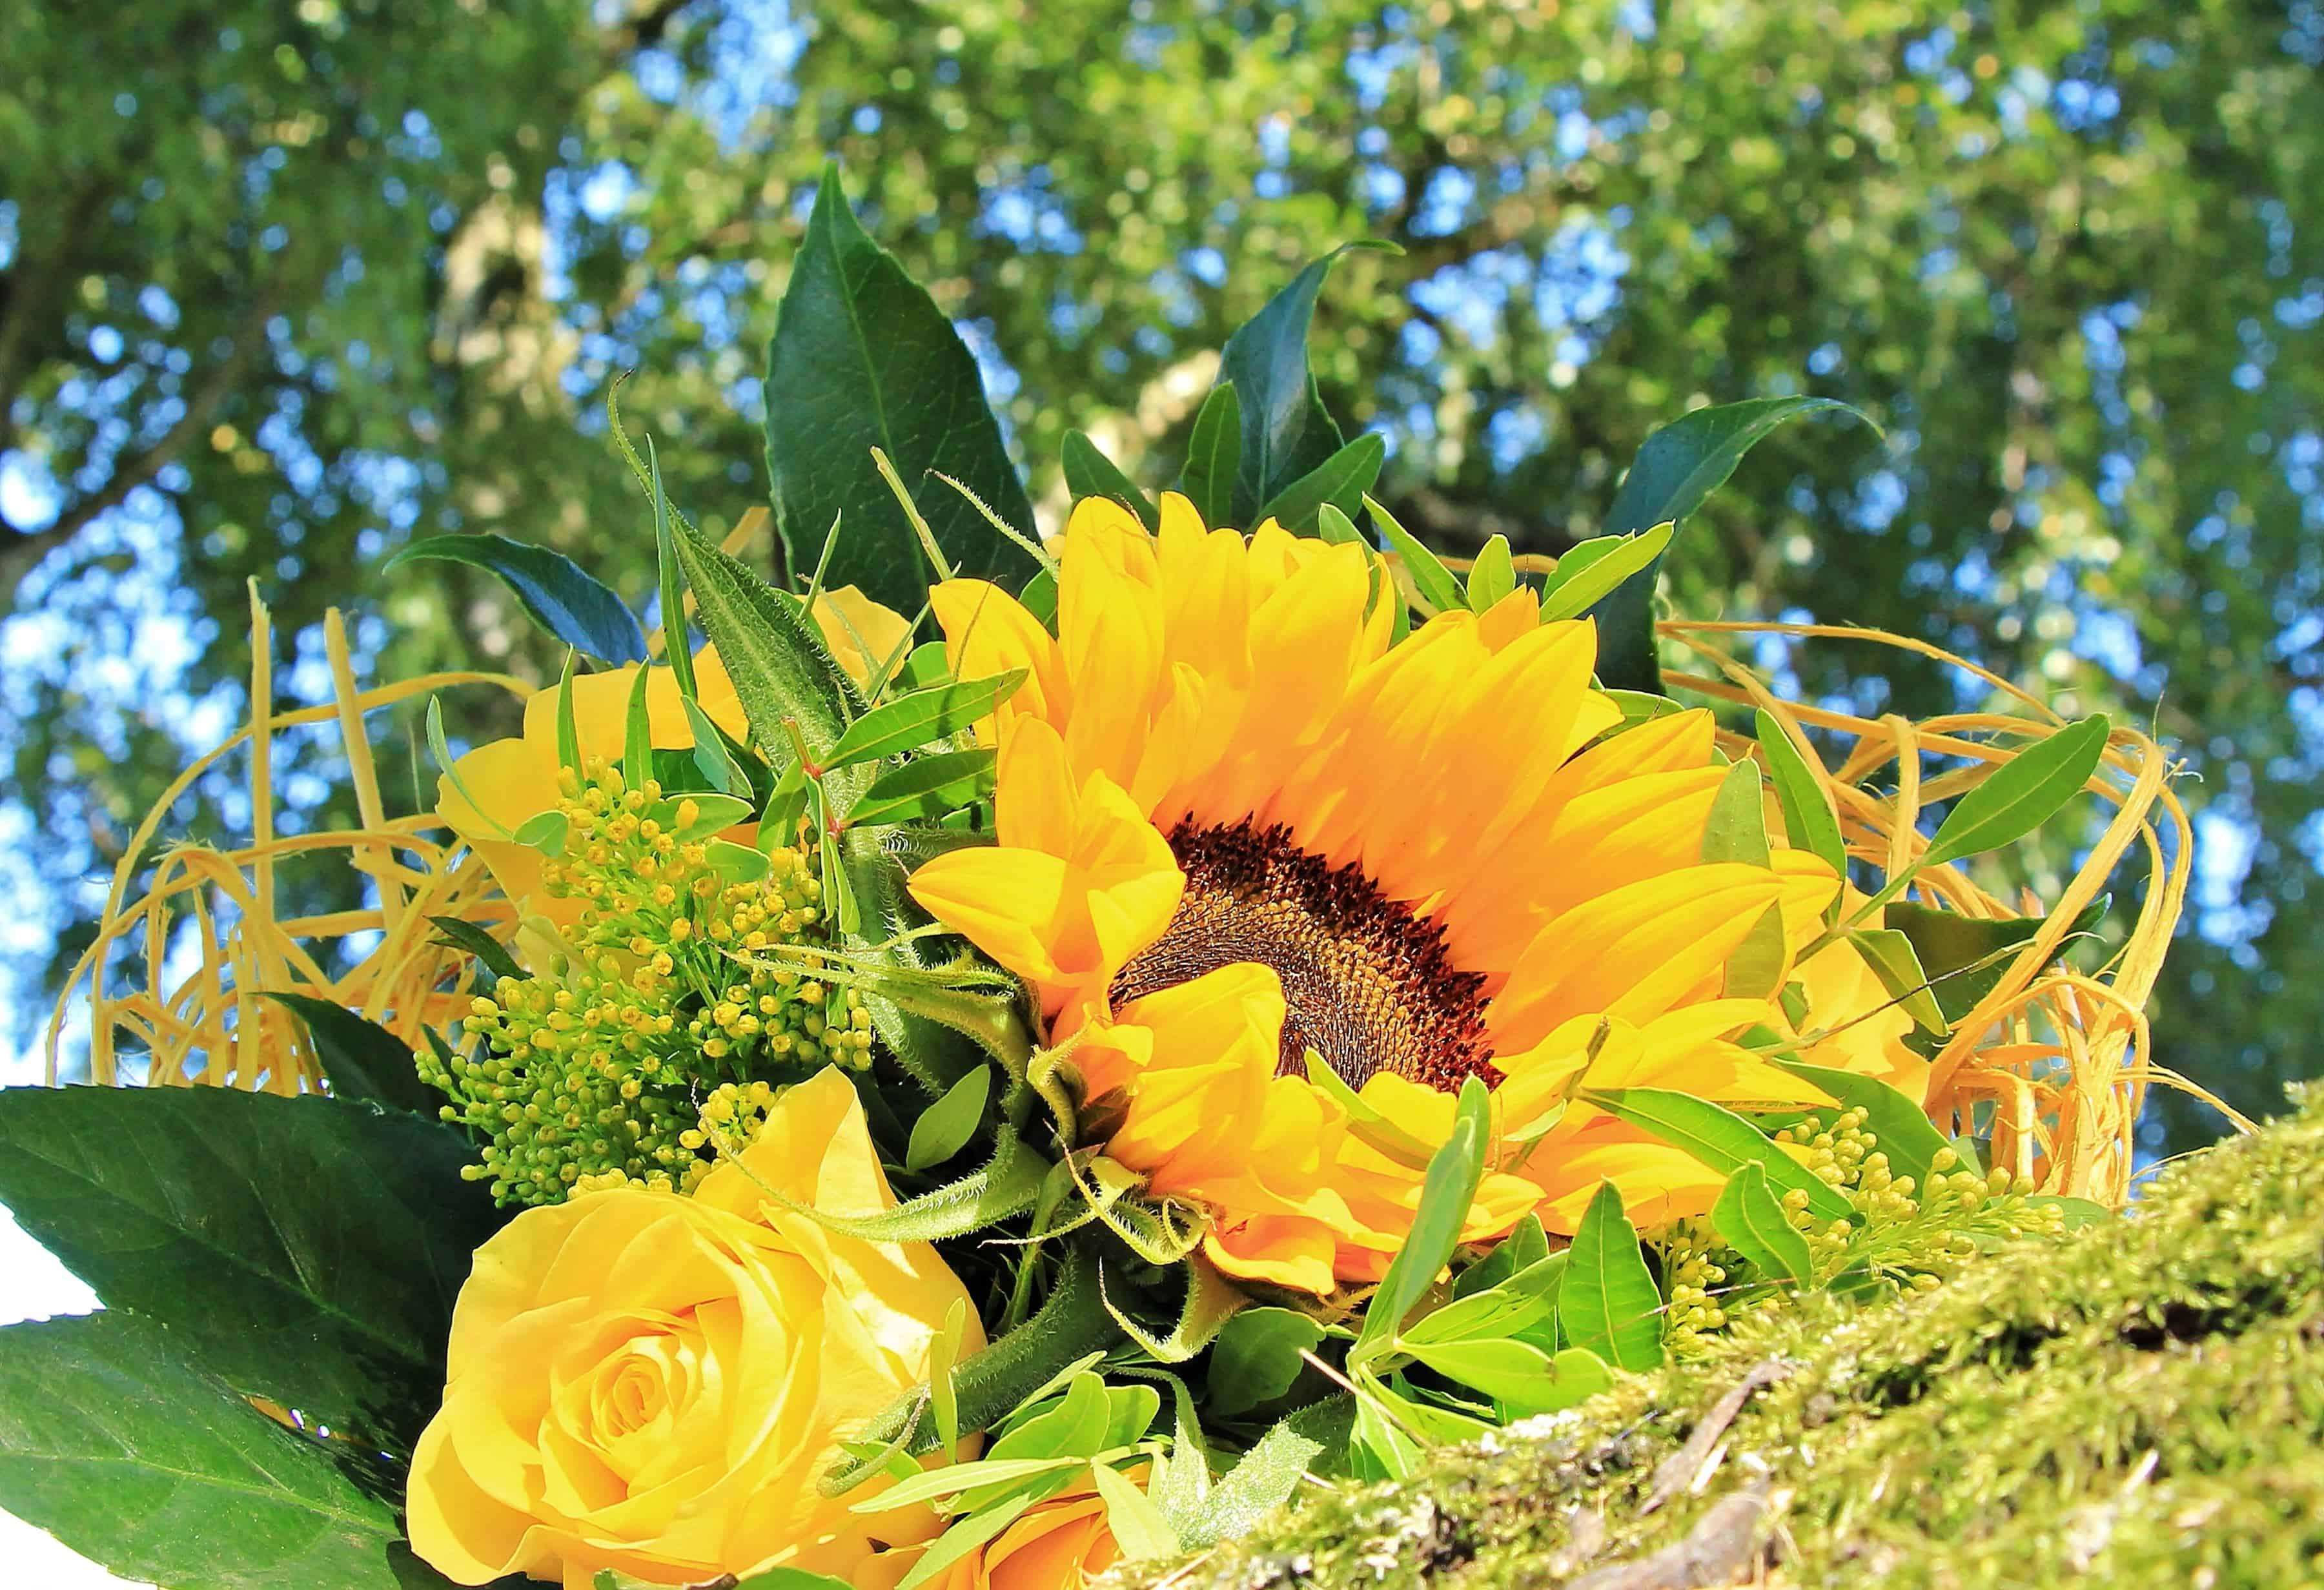 Imagen gratis: girasol, flora, verano, naturaleza, hoja, flor color ...